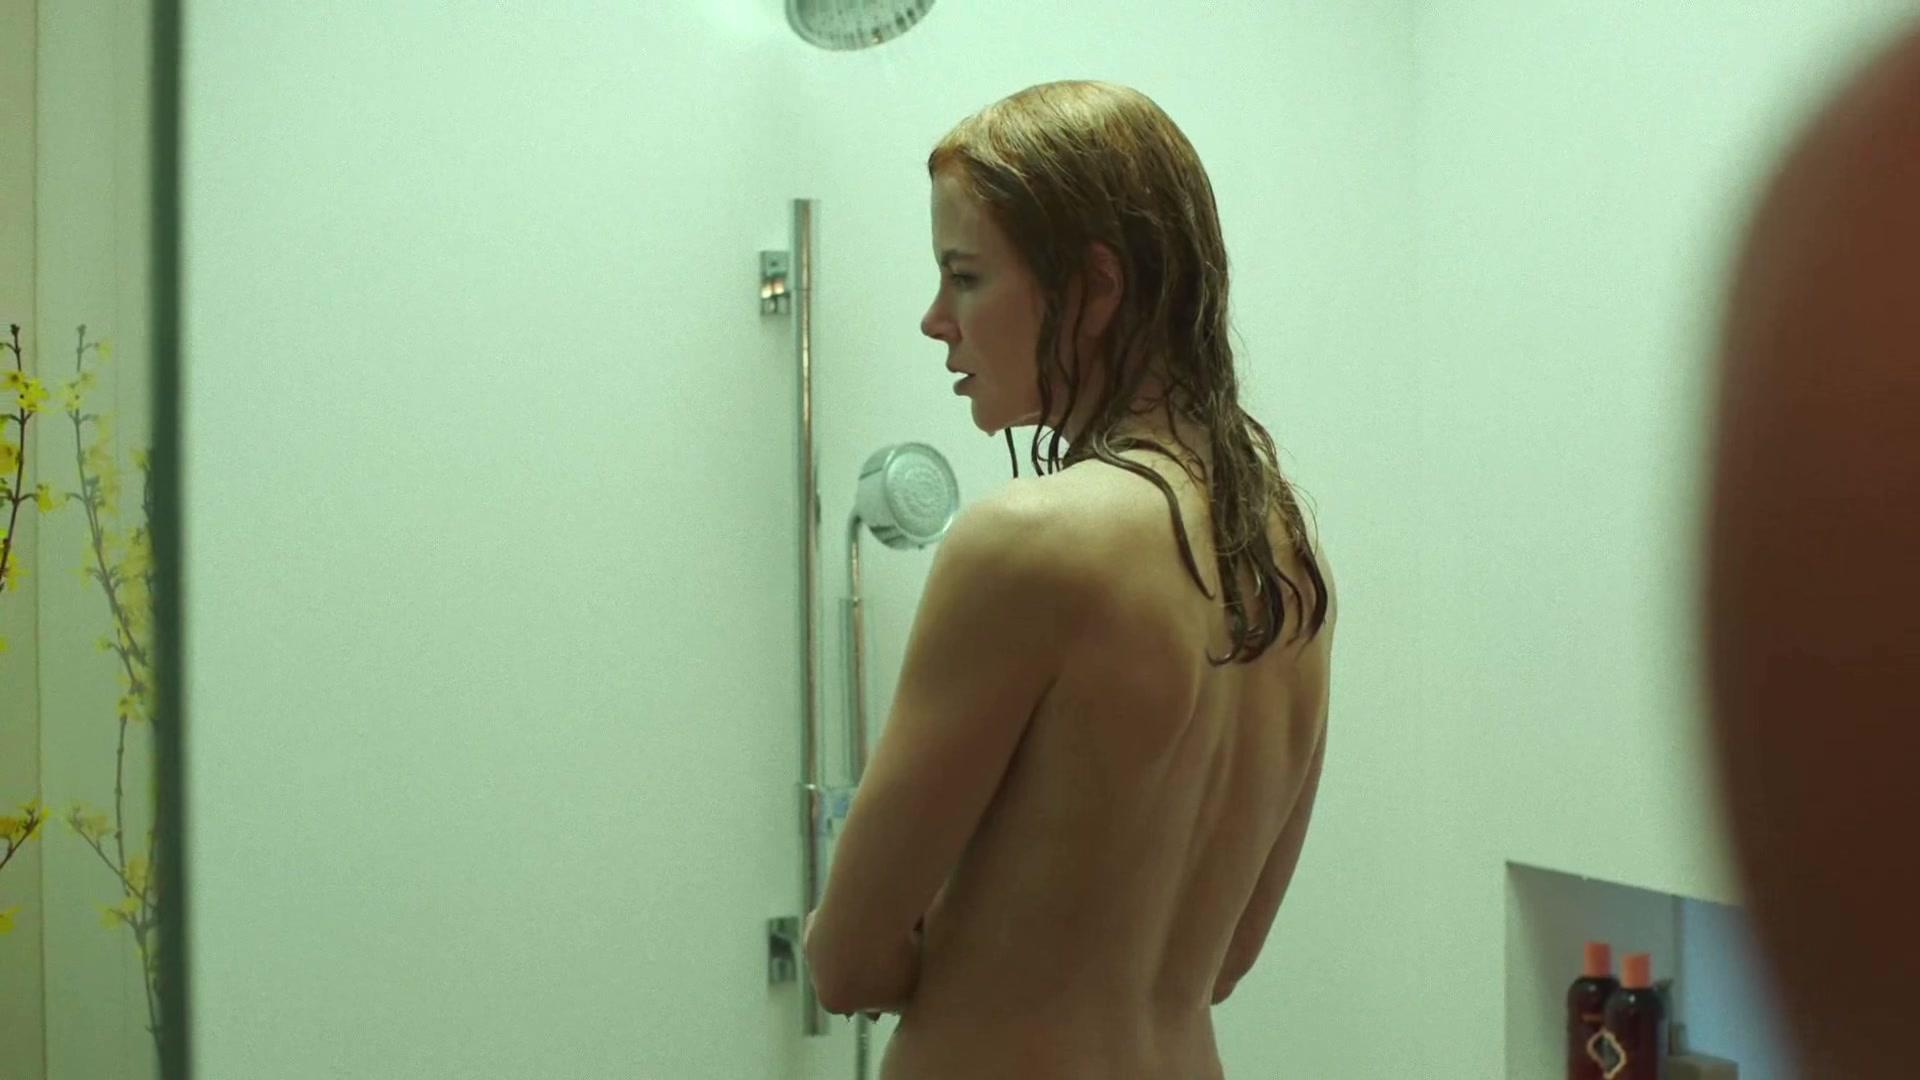 Nude angle girls wallpaper